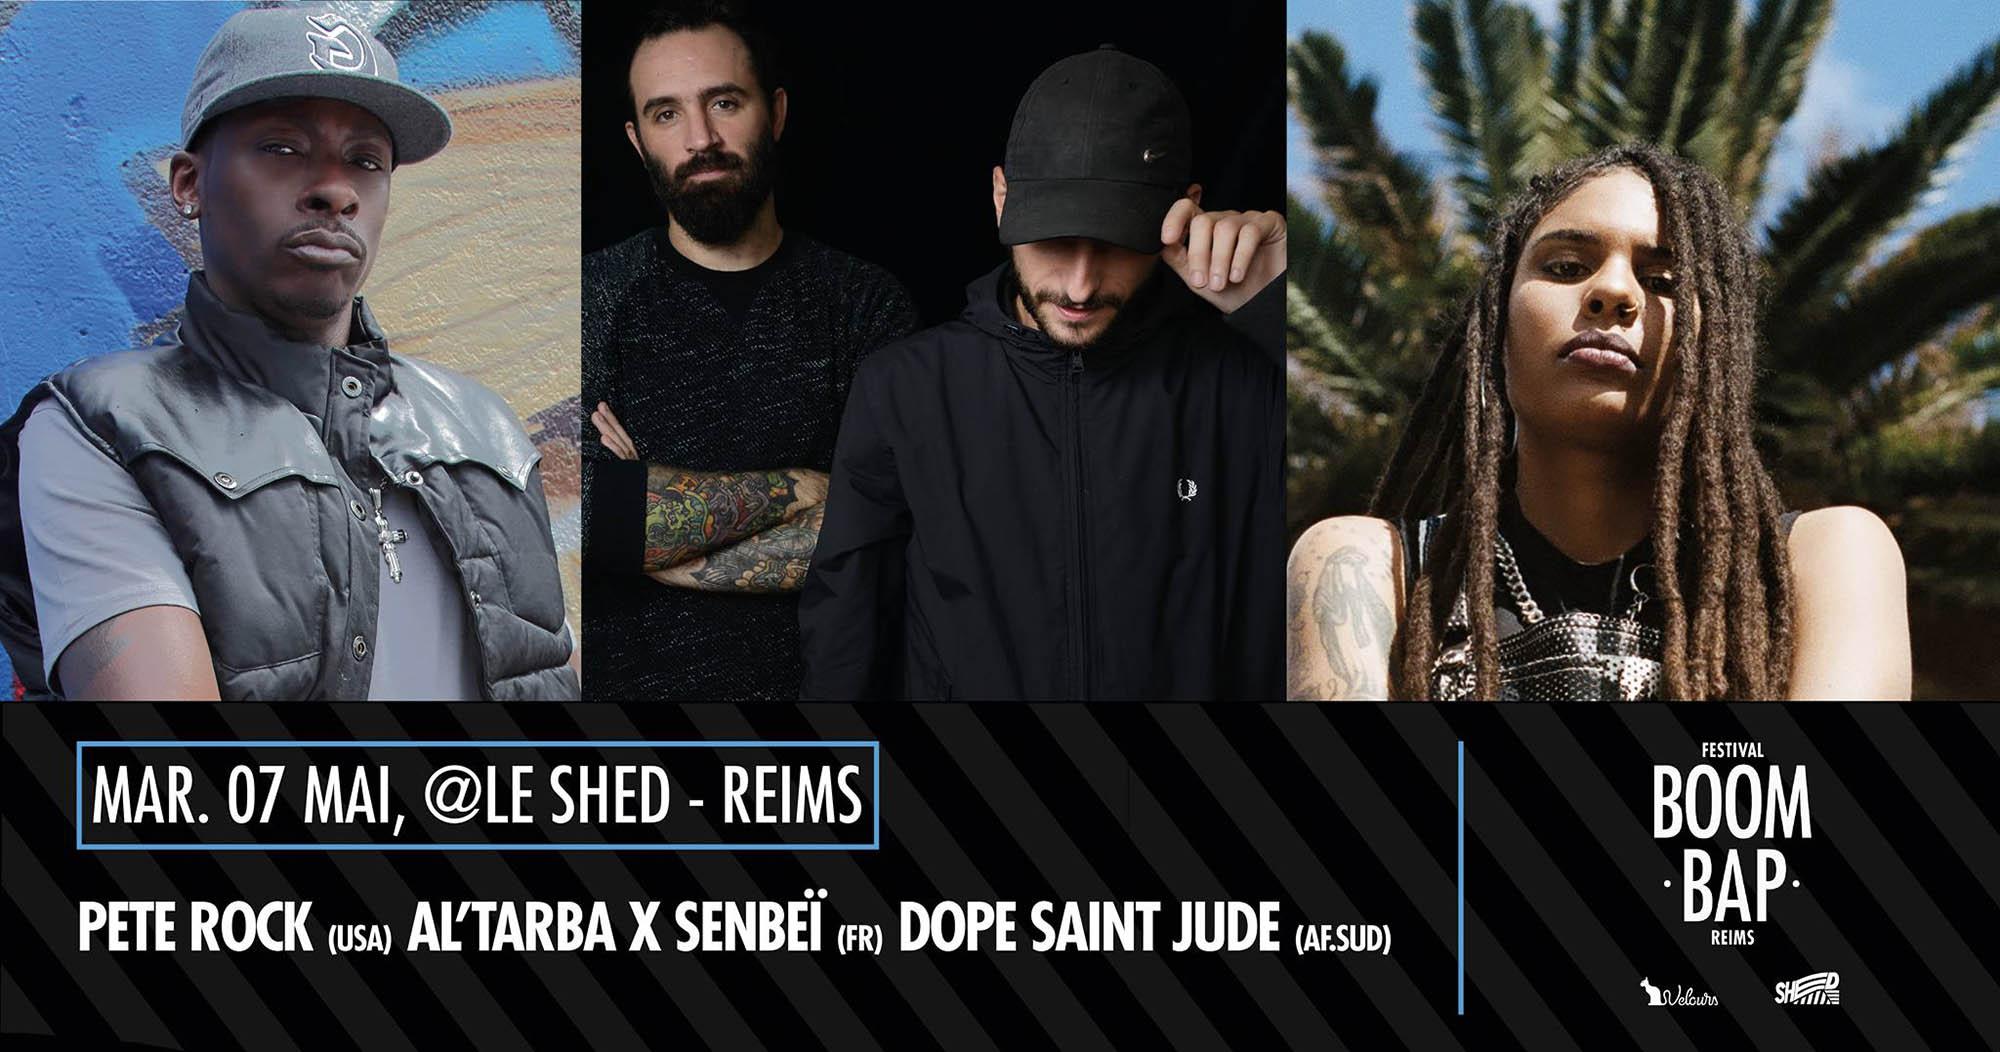 Pete-Rock-AL-TArba-Senbei-Dope-Saint-Jude-7mai2019